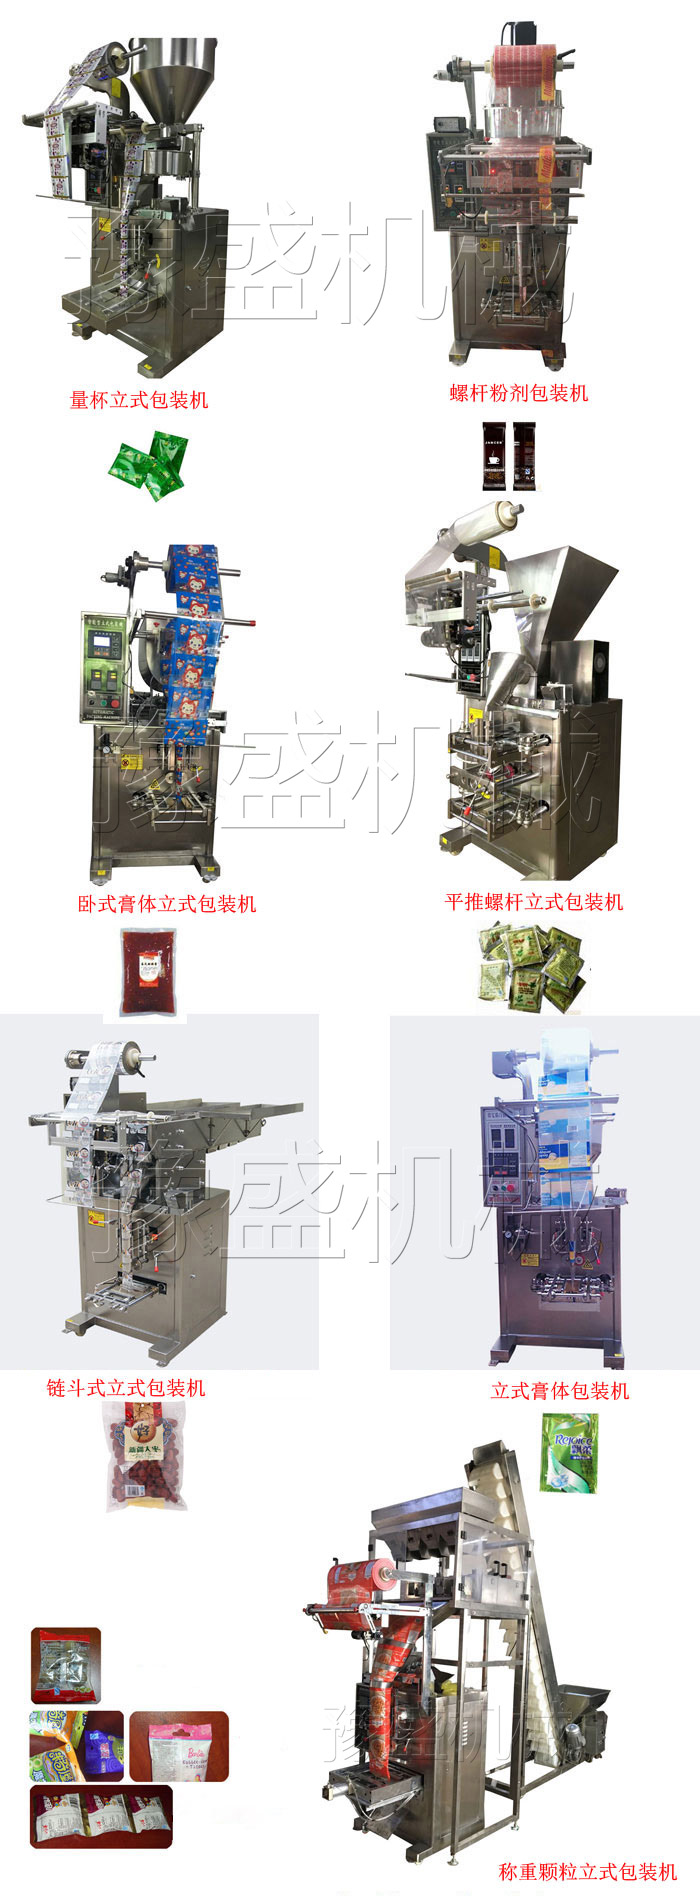 蚕豆量杯包装机工作流程图